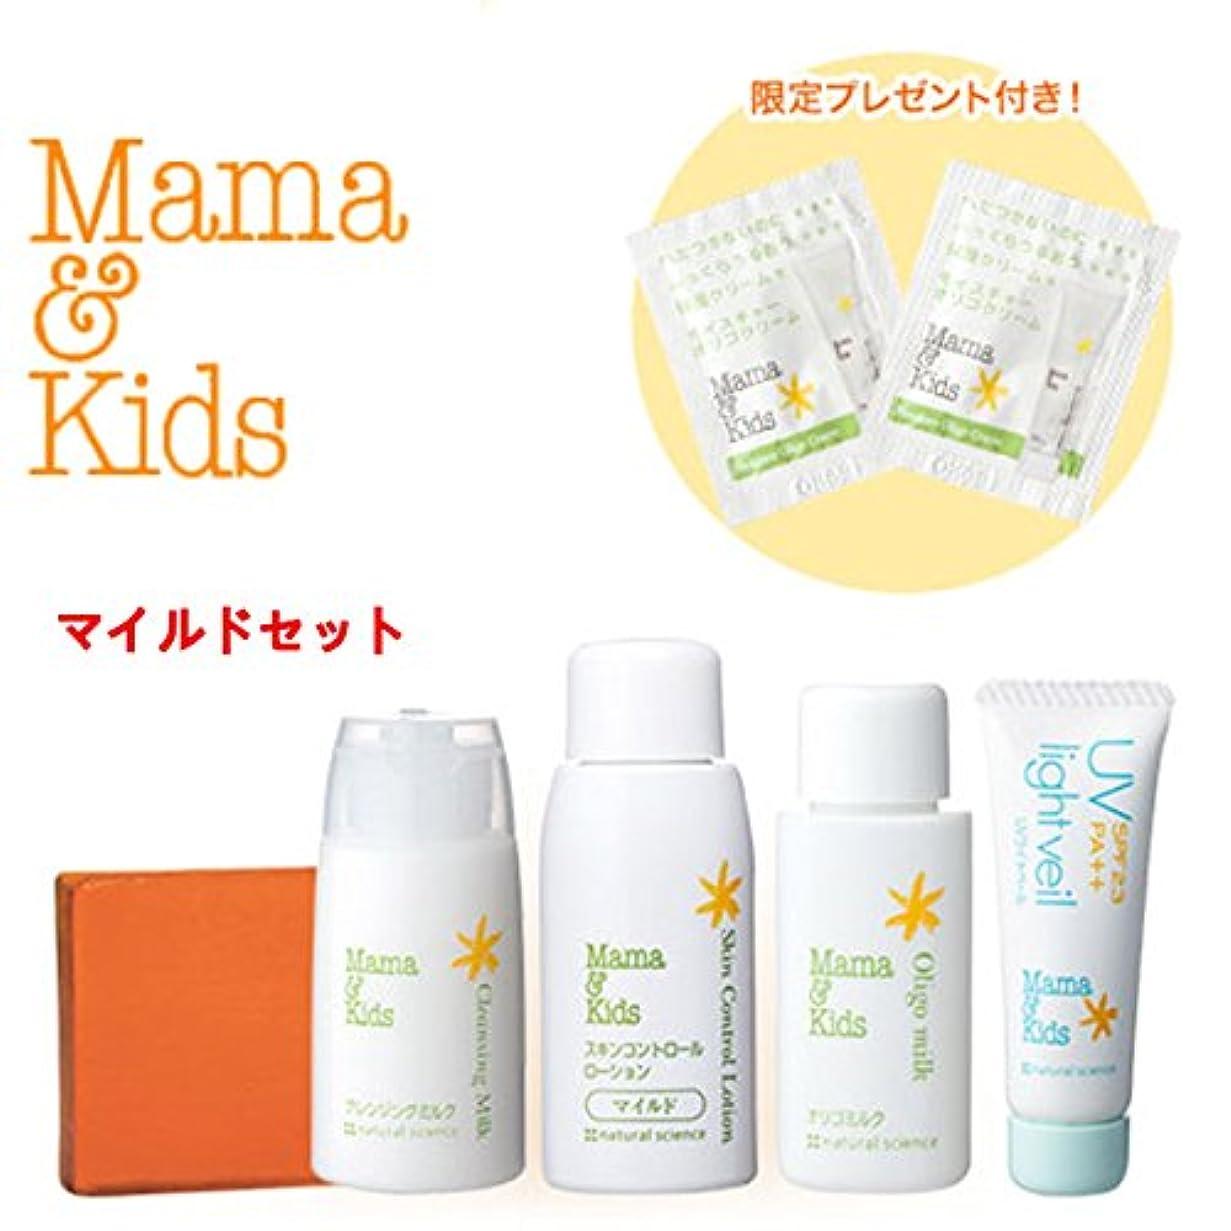 逸脱スケジュールひどくママ&キッズぷるぷるお肌トライアルセット(マイルド)/Mama&Kids SkinCare Travel set/孕期基础护肤试用装普通保湿